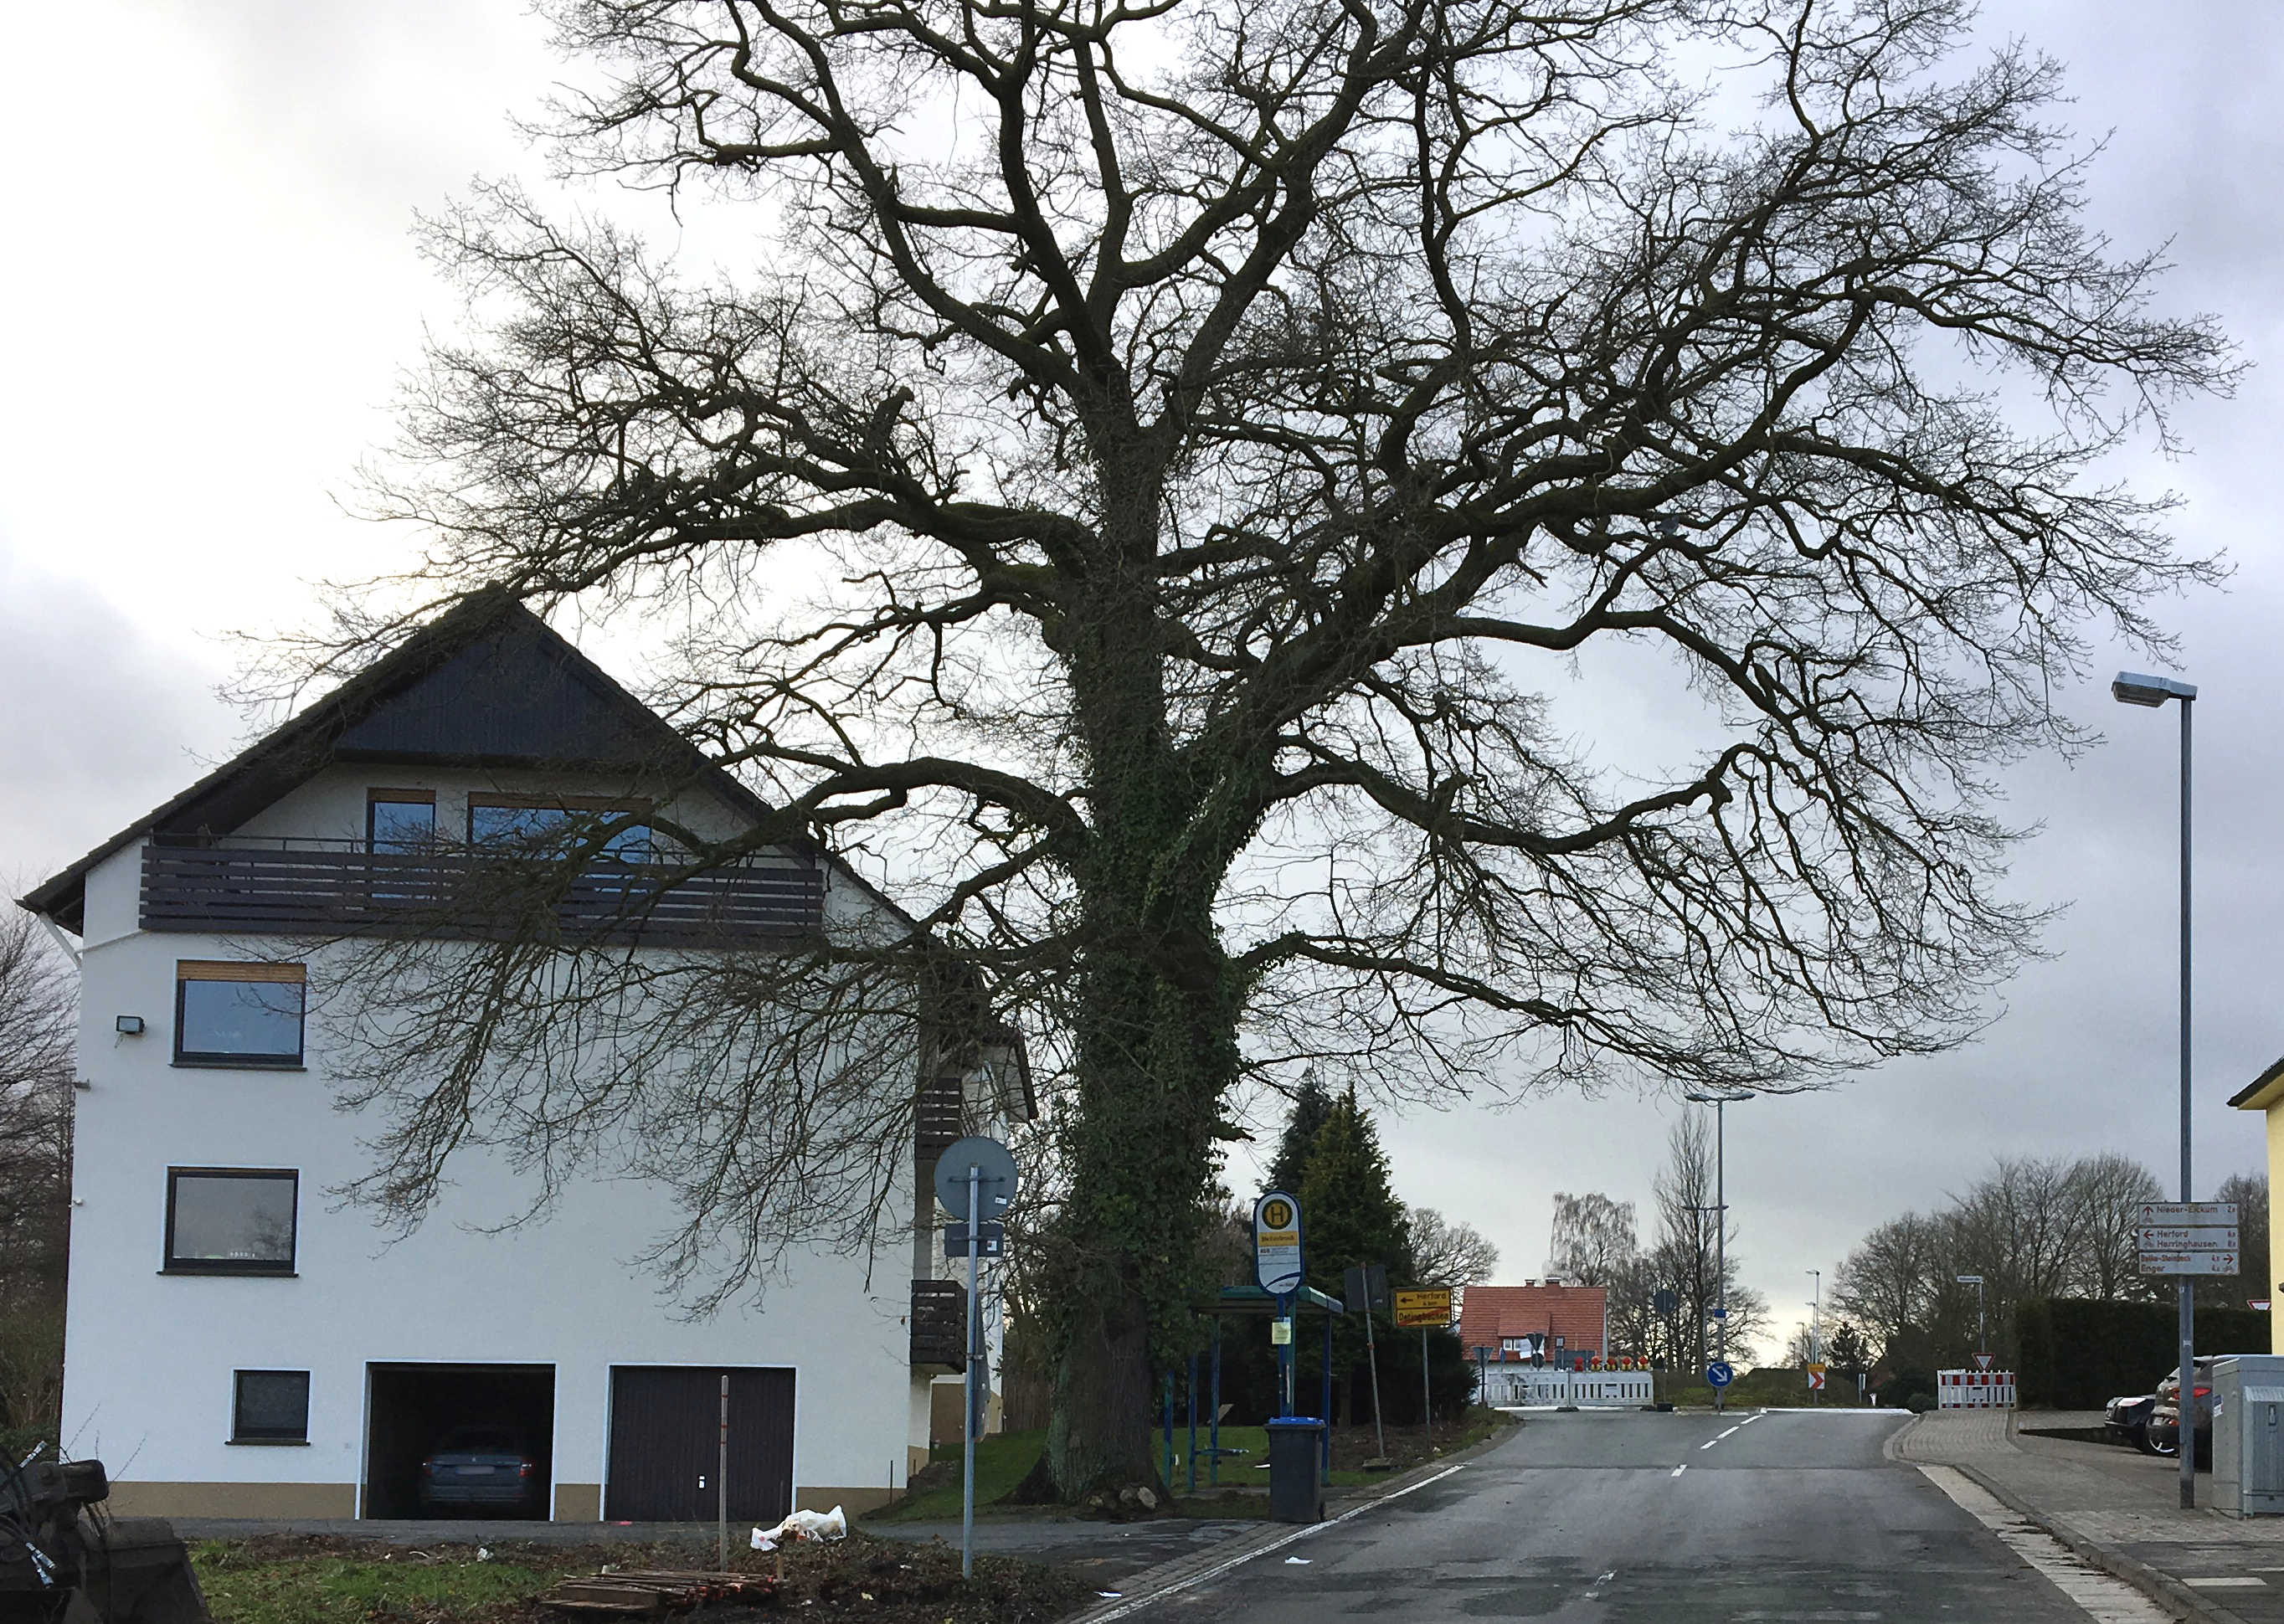 Alte Eiche Birkenstraße